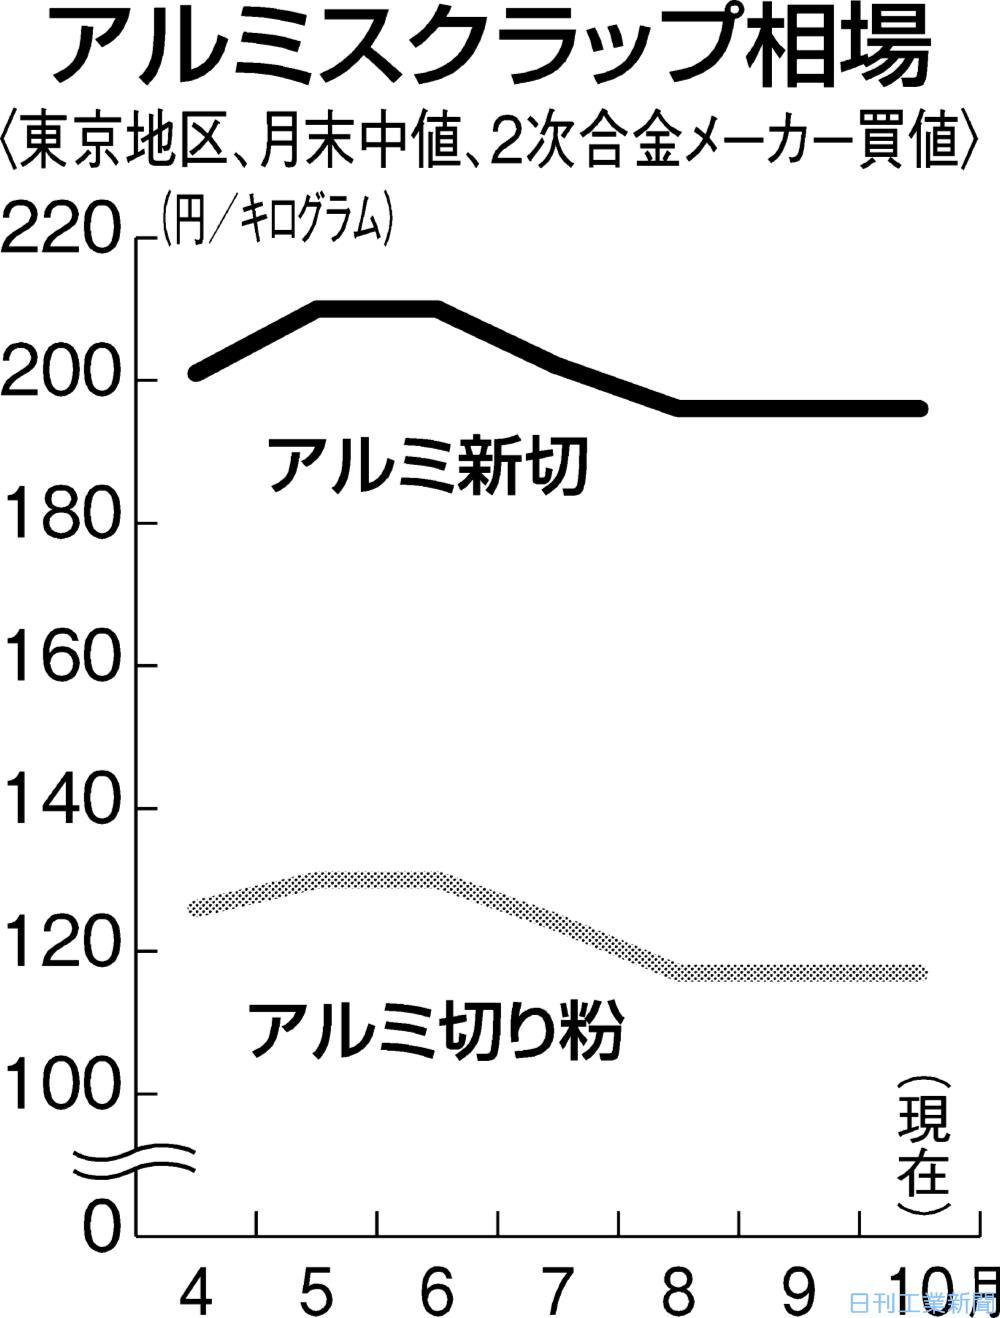 東京のアルミスクラップ、横ばい 在庫潤沢、原料需要低迷が重し